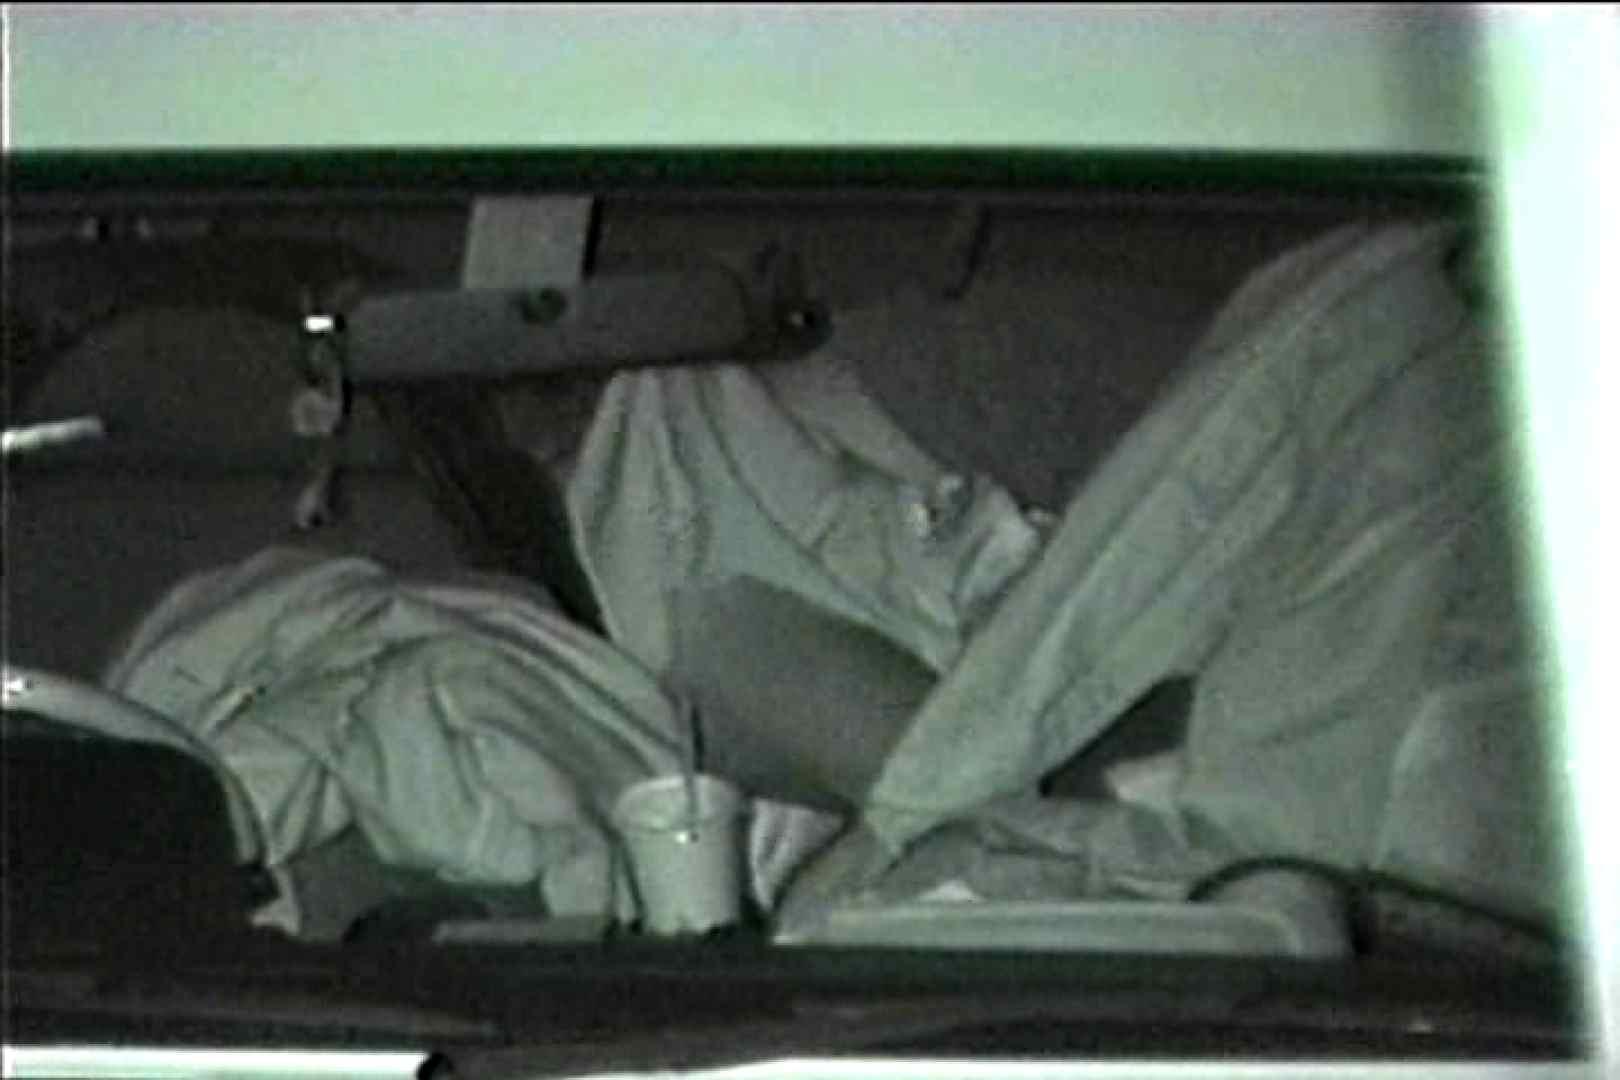 車の中はラブホテル 無修正版  Vol.7 カーセックス 覗きおまんこ画像 60連発 14